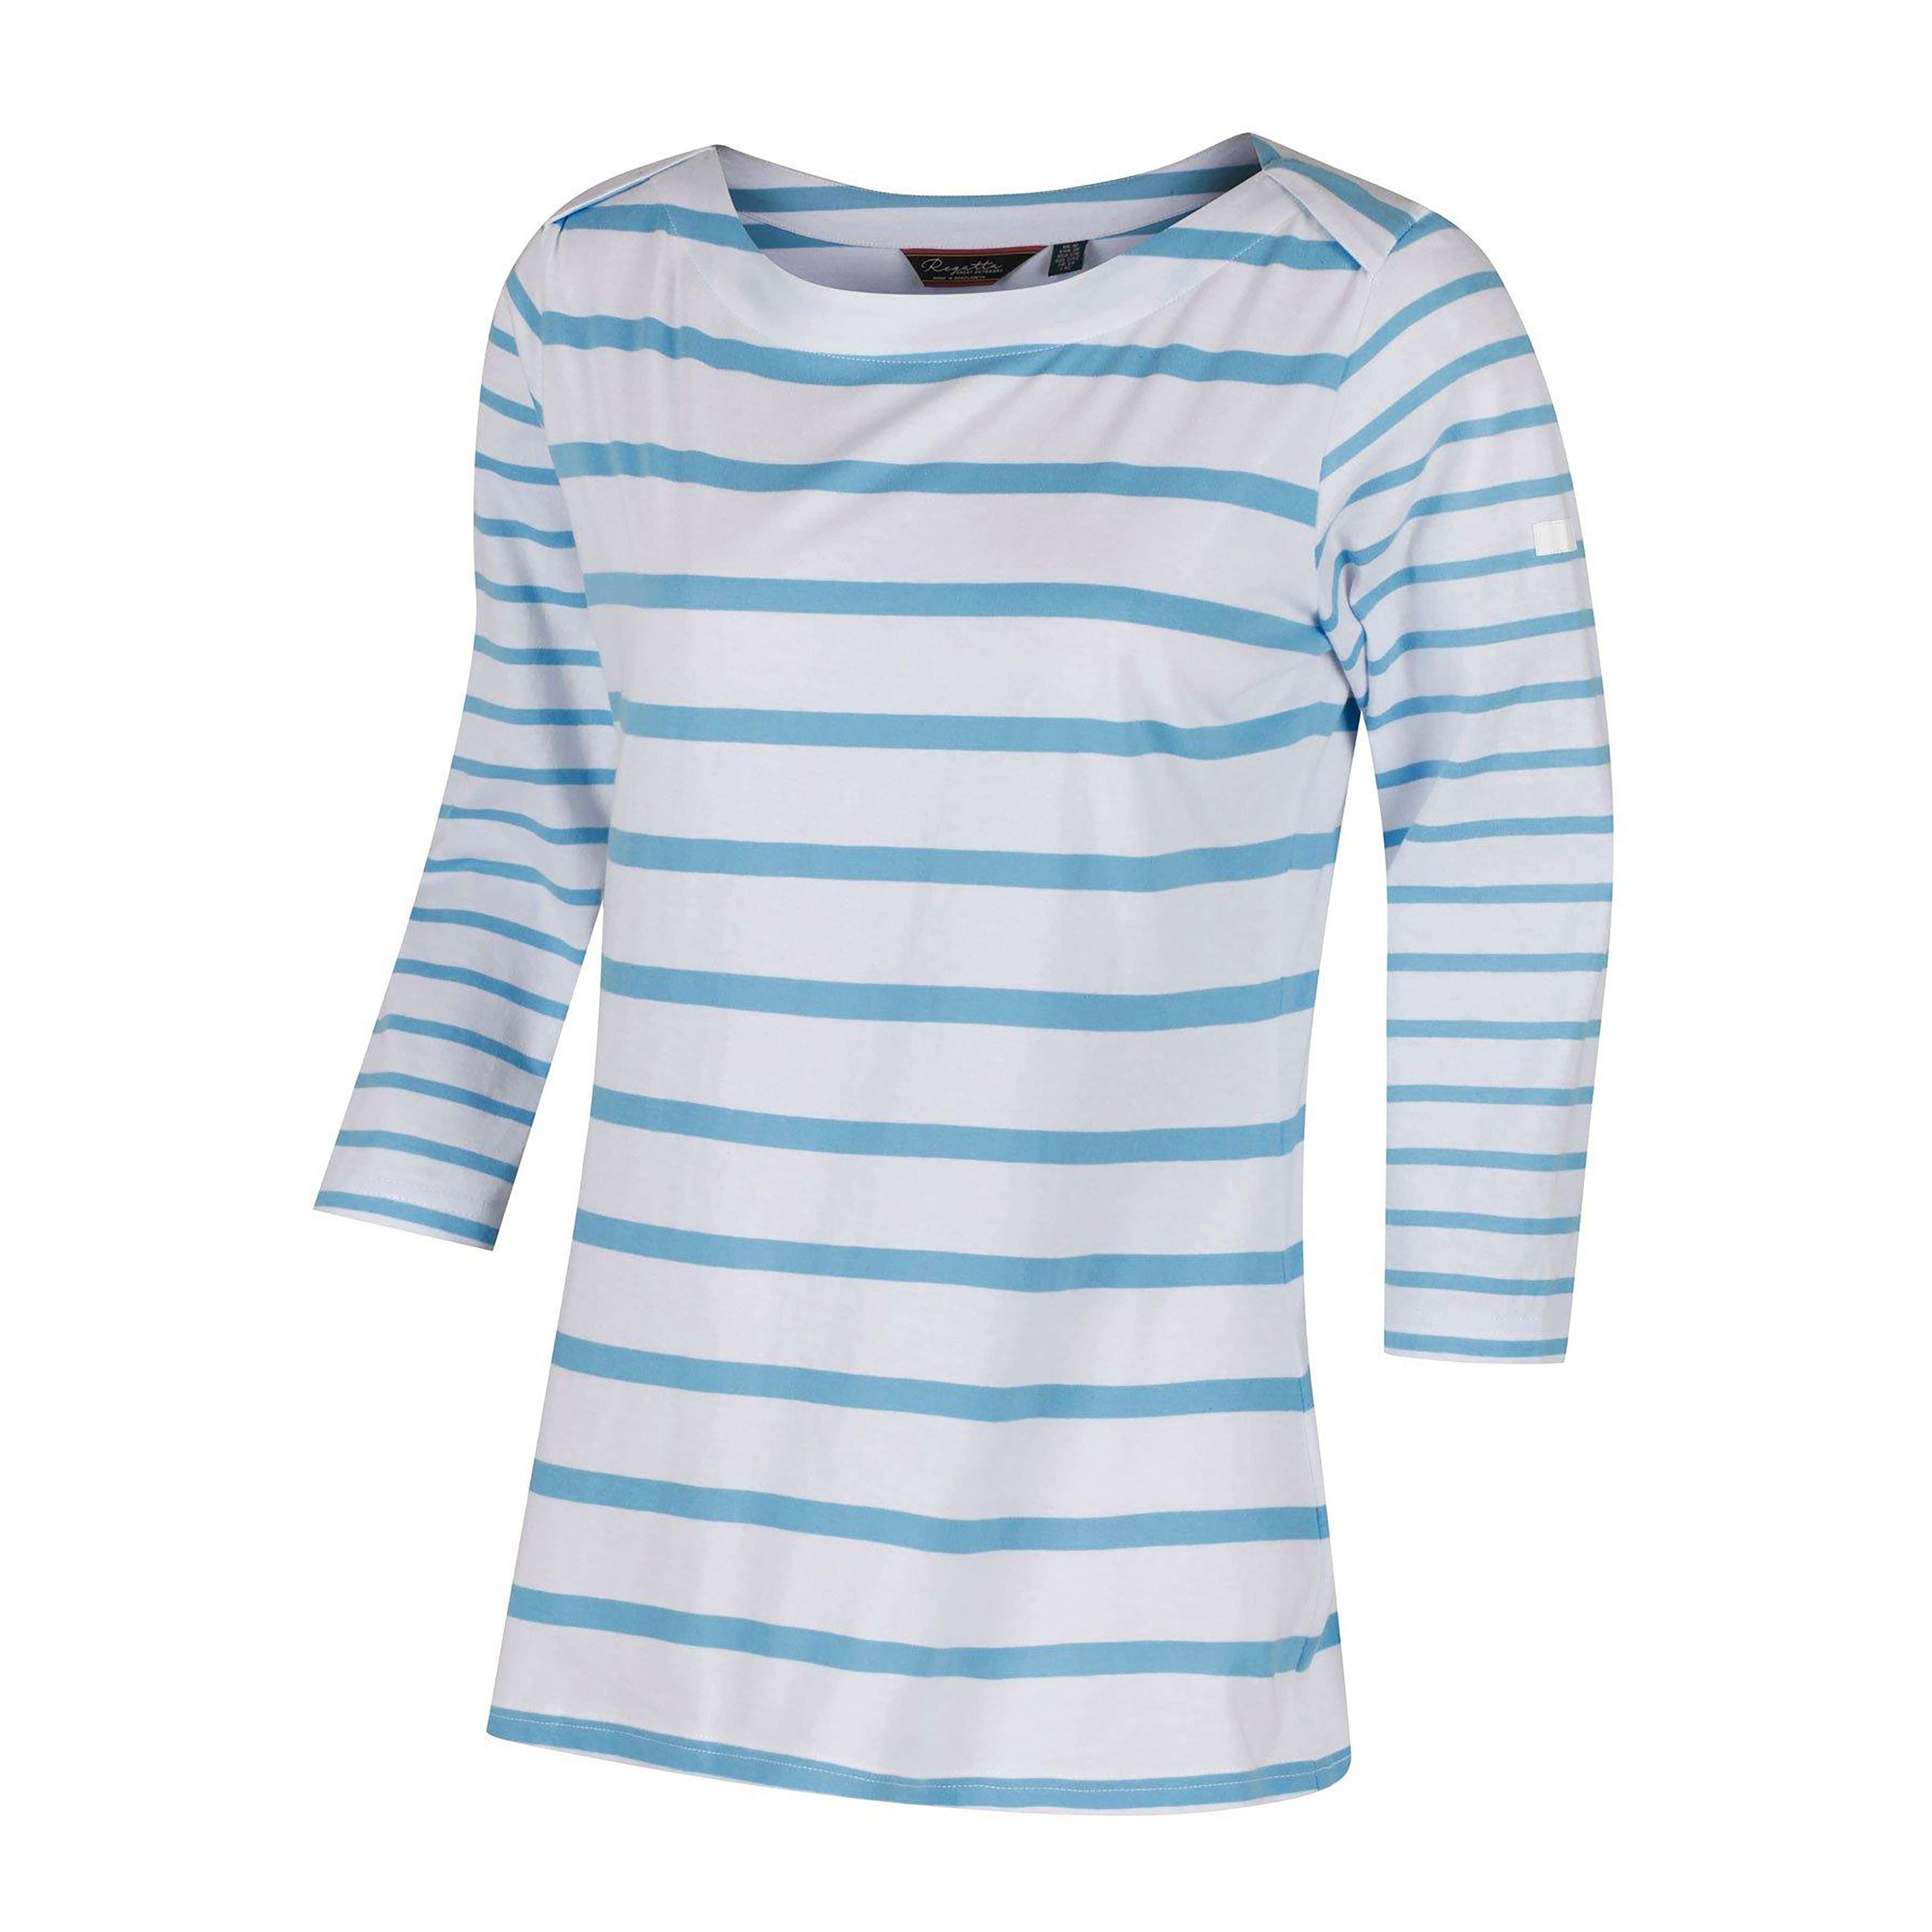 REGATTA Women's Parris Coolweave T-Shirt